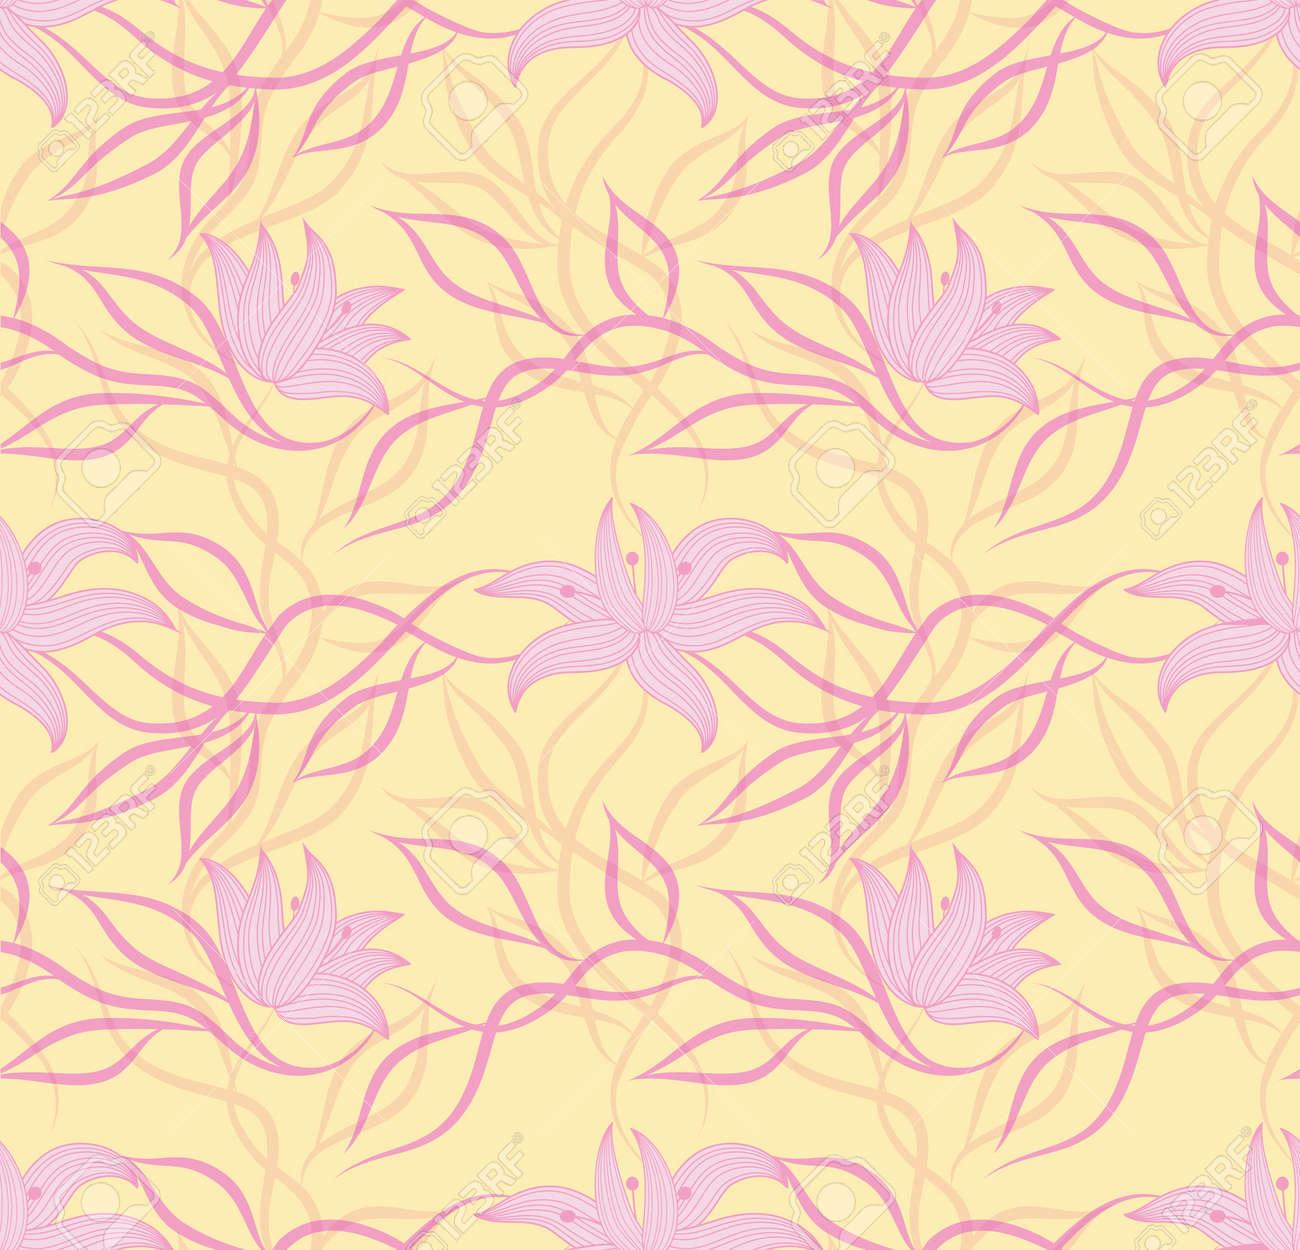 Art vector flower pattern seamless pattern fabric texture royalty art vector flower pattern seamless pattern fabric texture floral vintage design pretty cute wallpaper romantic cartoon mightylinksfo